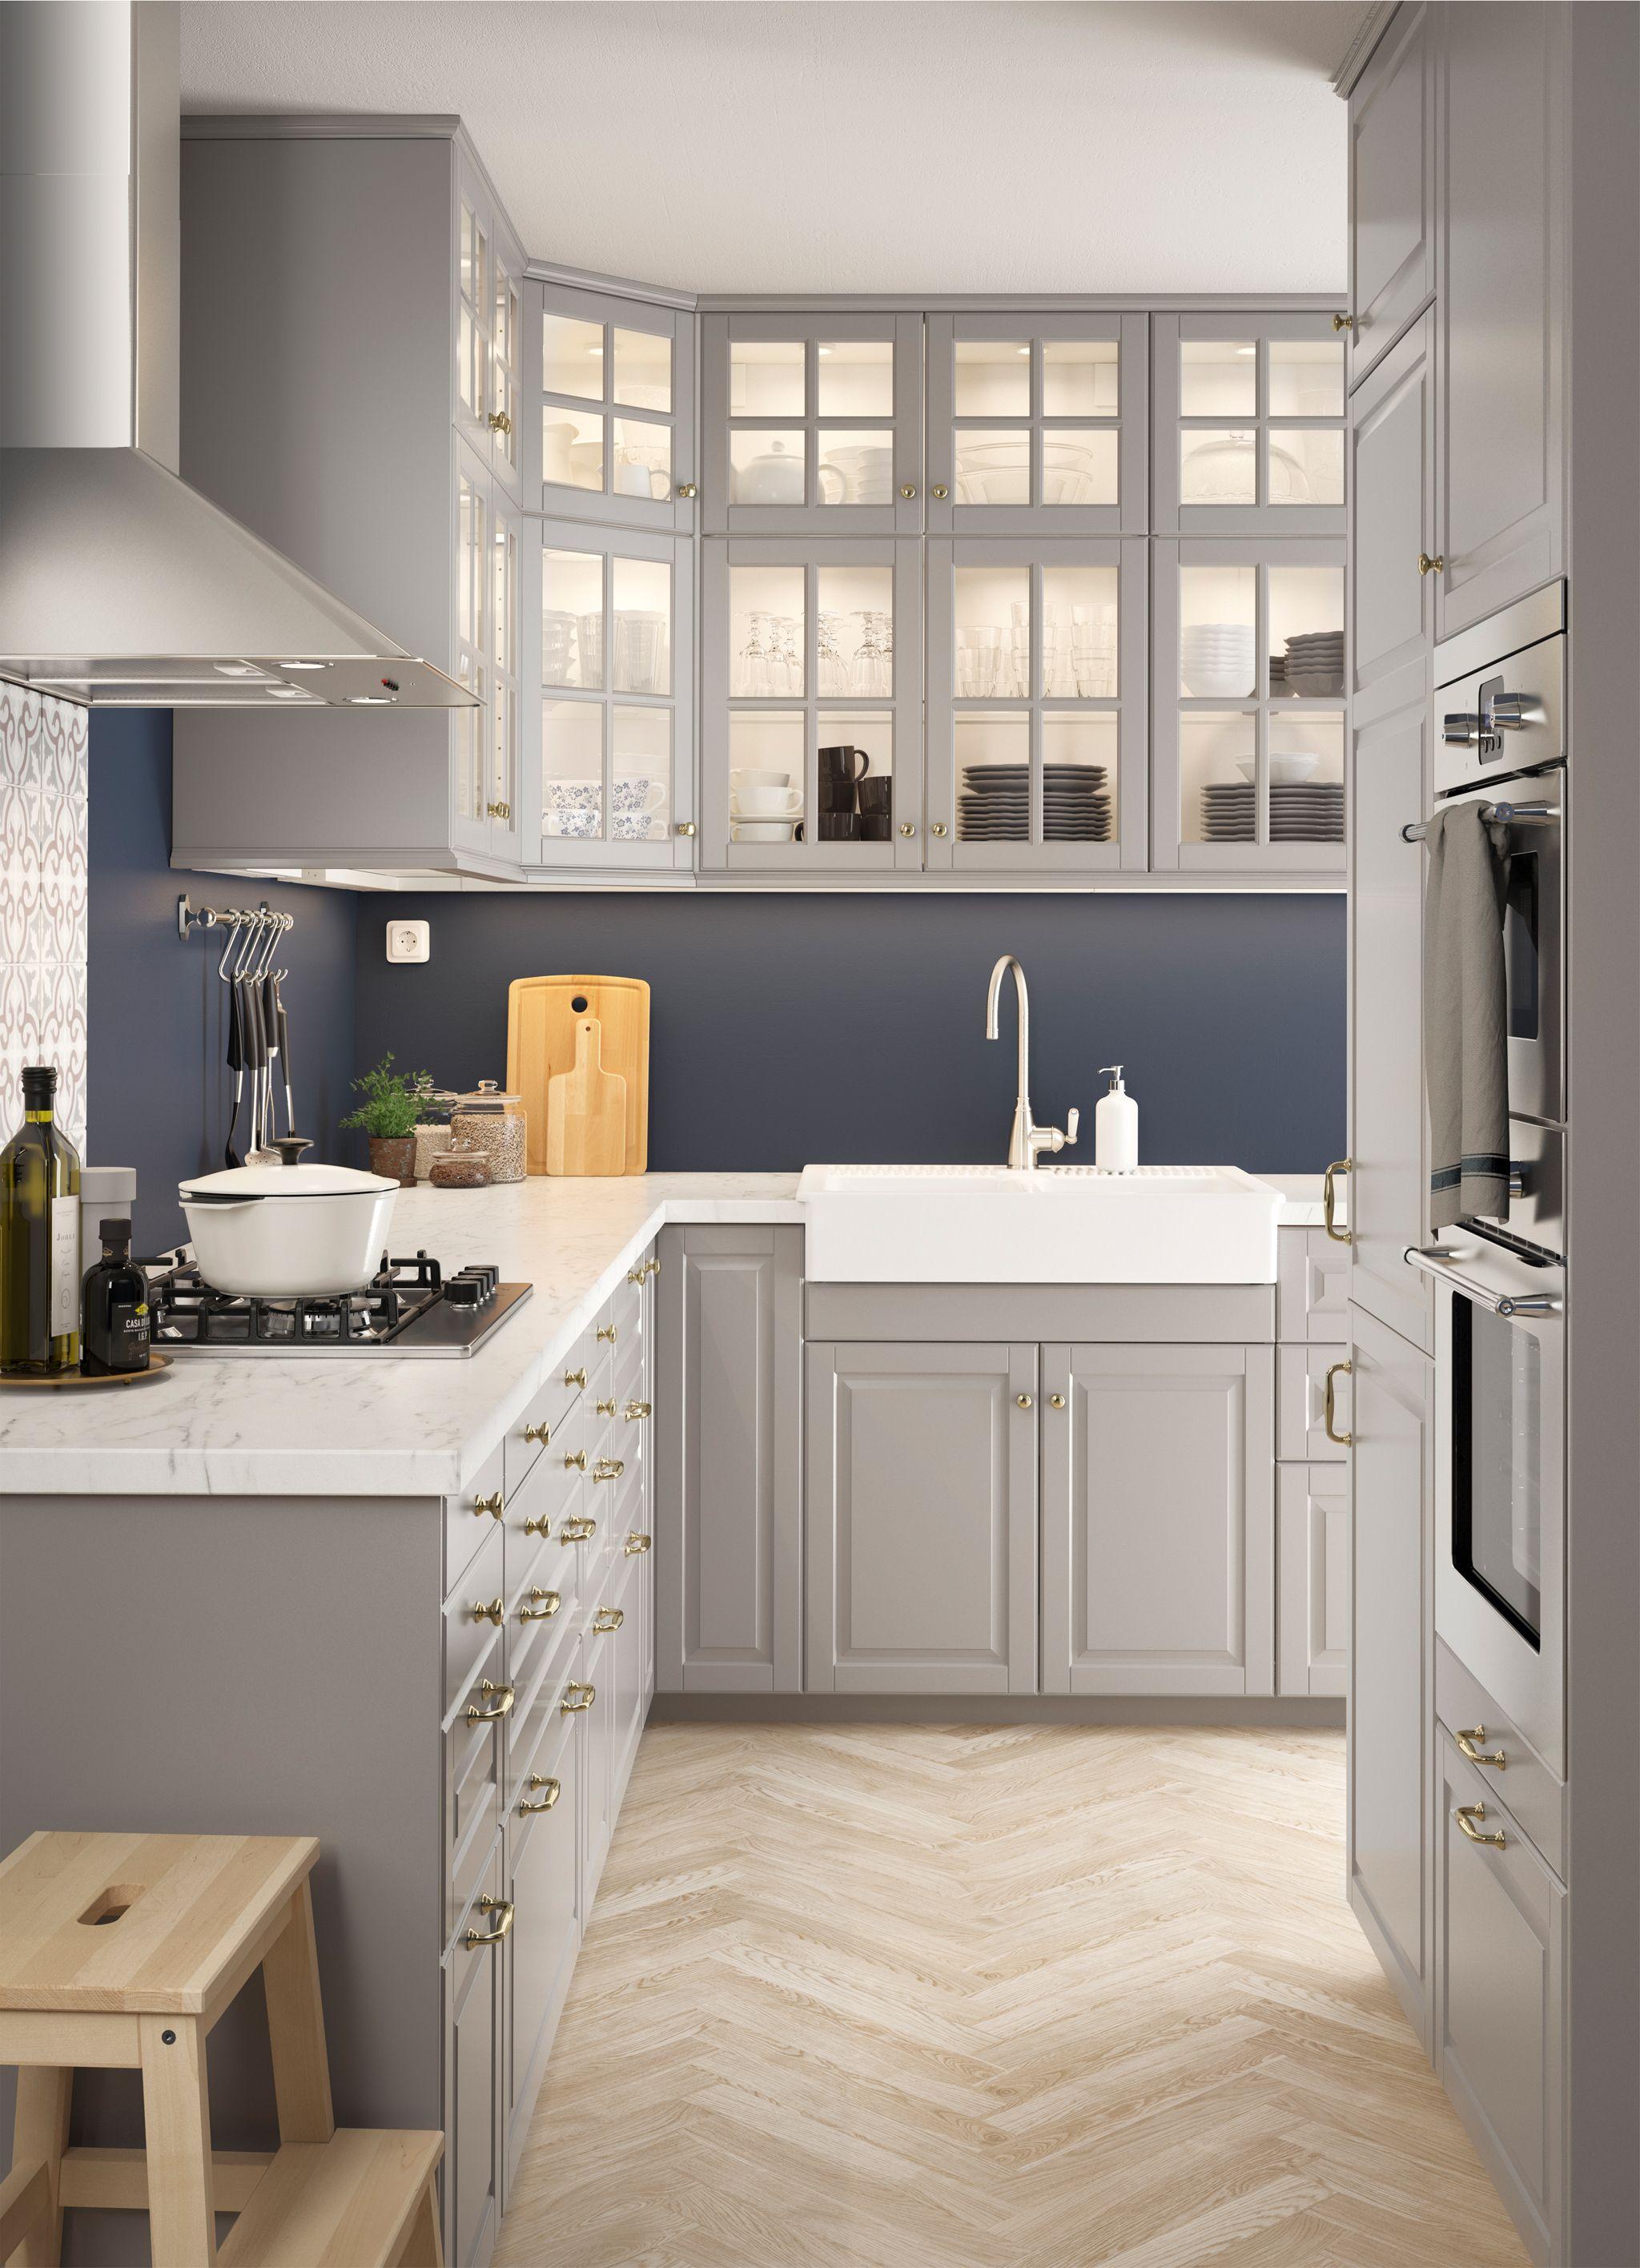 Wundervoll Ikea Küchen Bilder Das Beste Von Küche Möbel Dies Ist Die Rmationen Auf